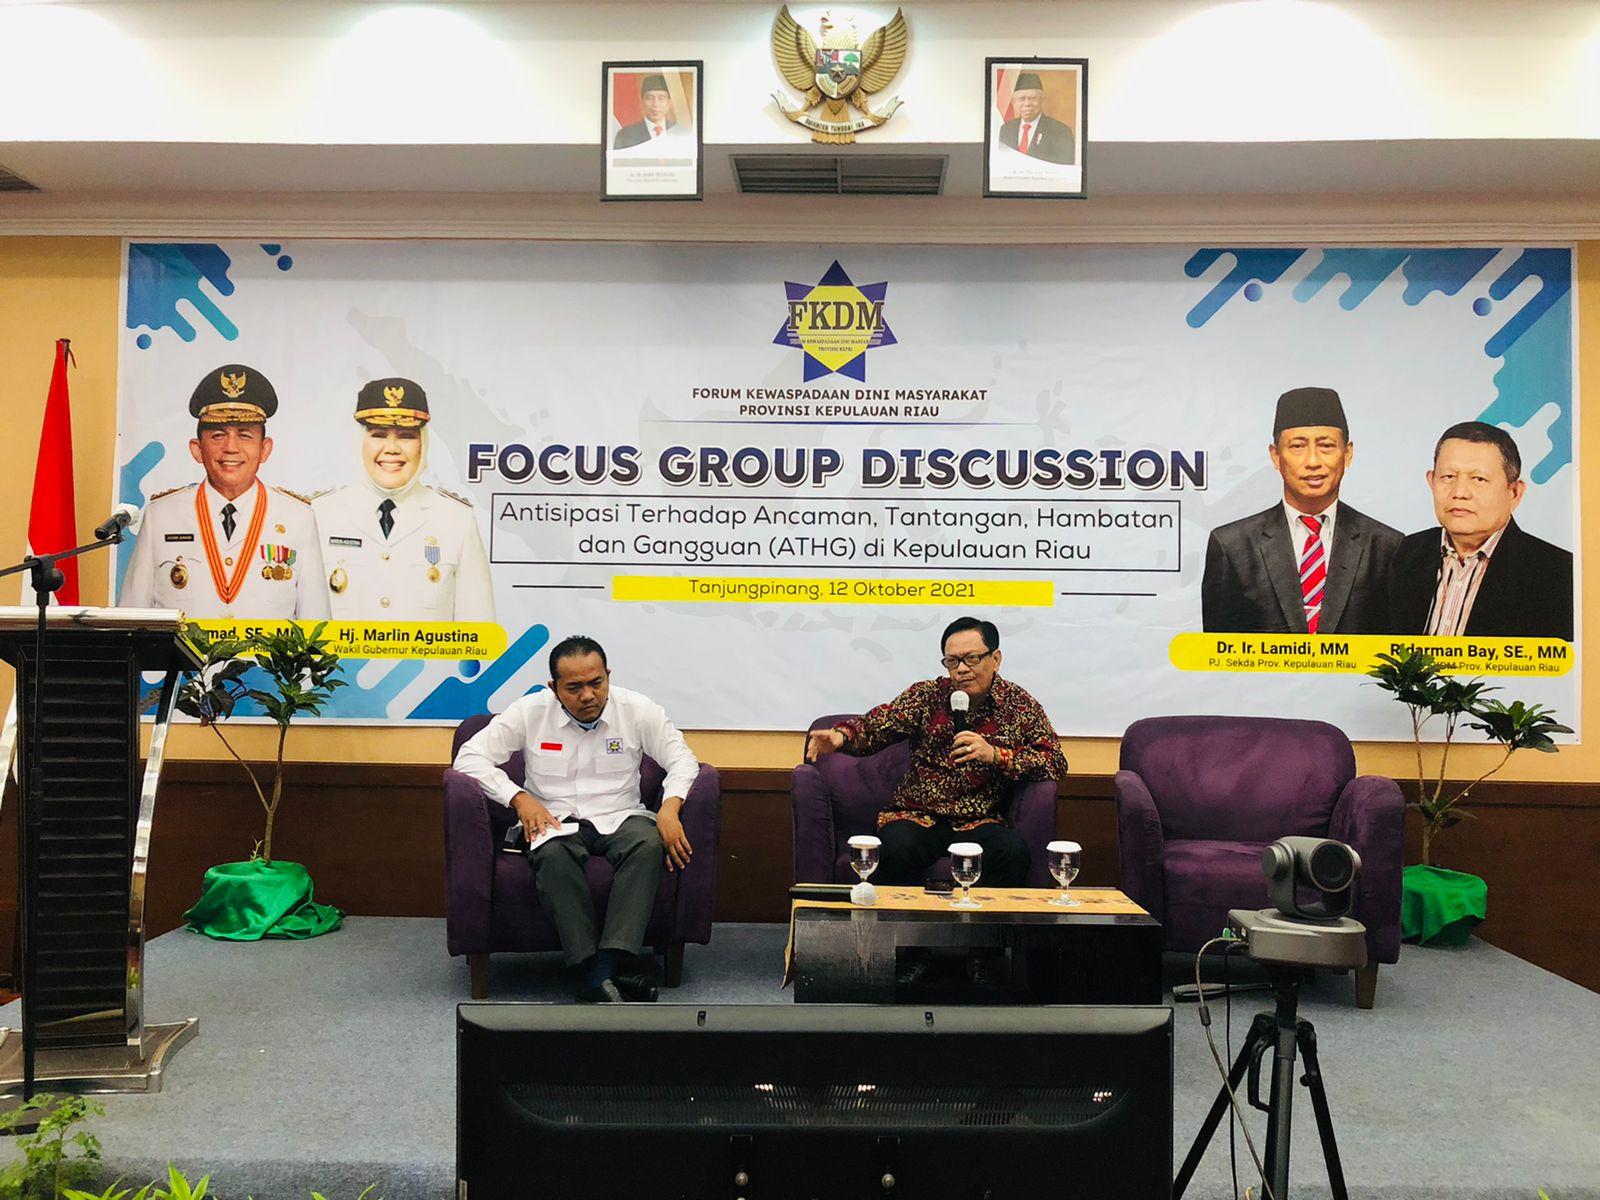 Forum Grub Discussion (FGD) Oleh FKDM Provinsi Kepri Di Hotel Aston Pada Selasa (12/10).